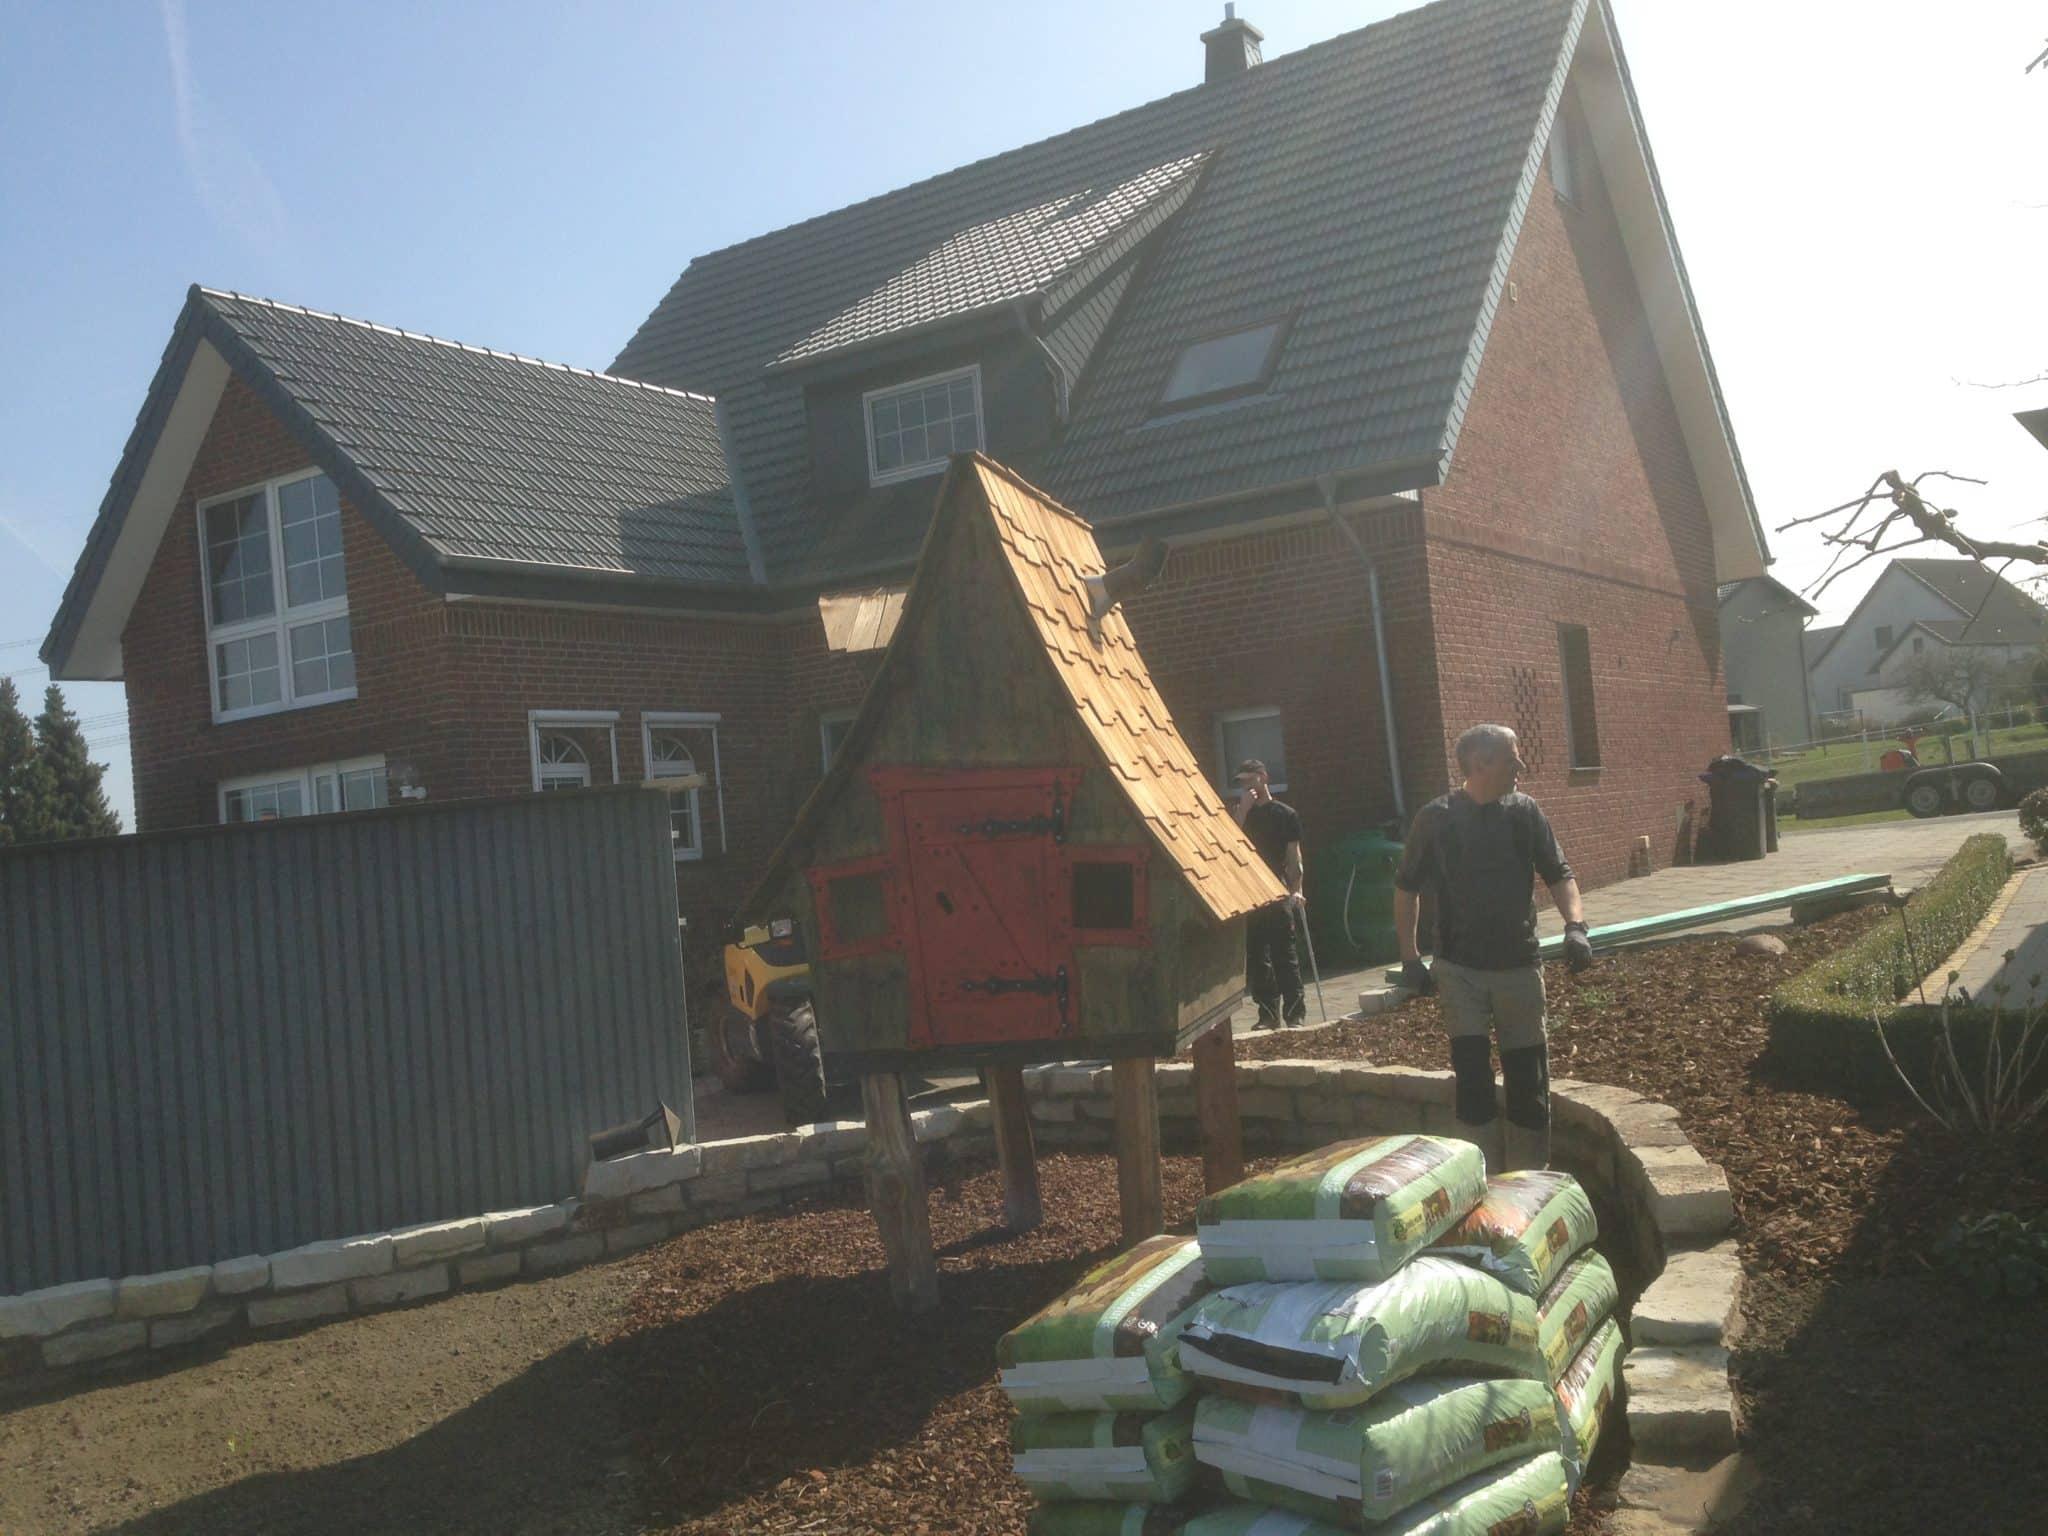 Lieferung & Montage von Gartenhäusern